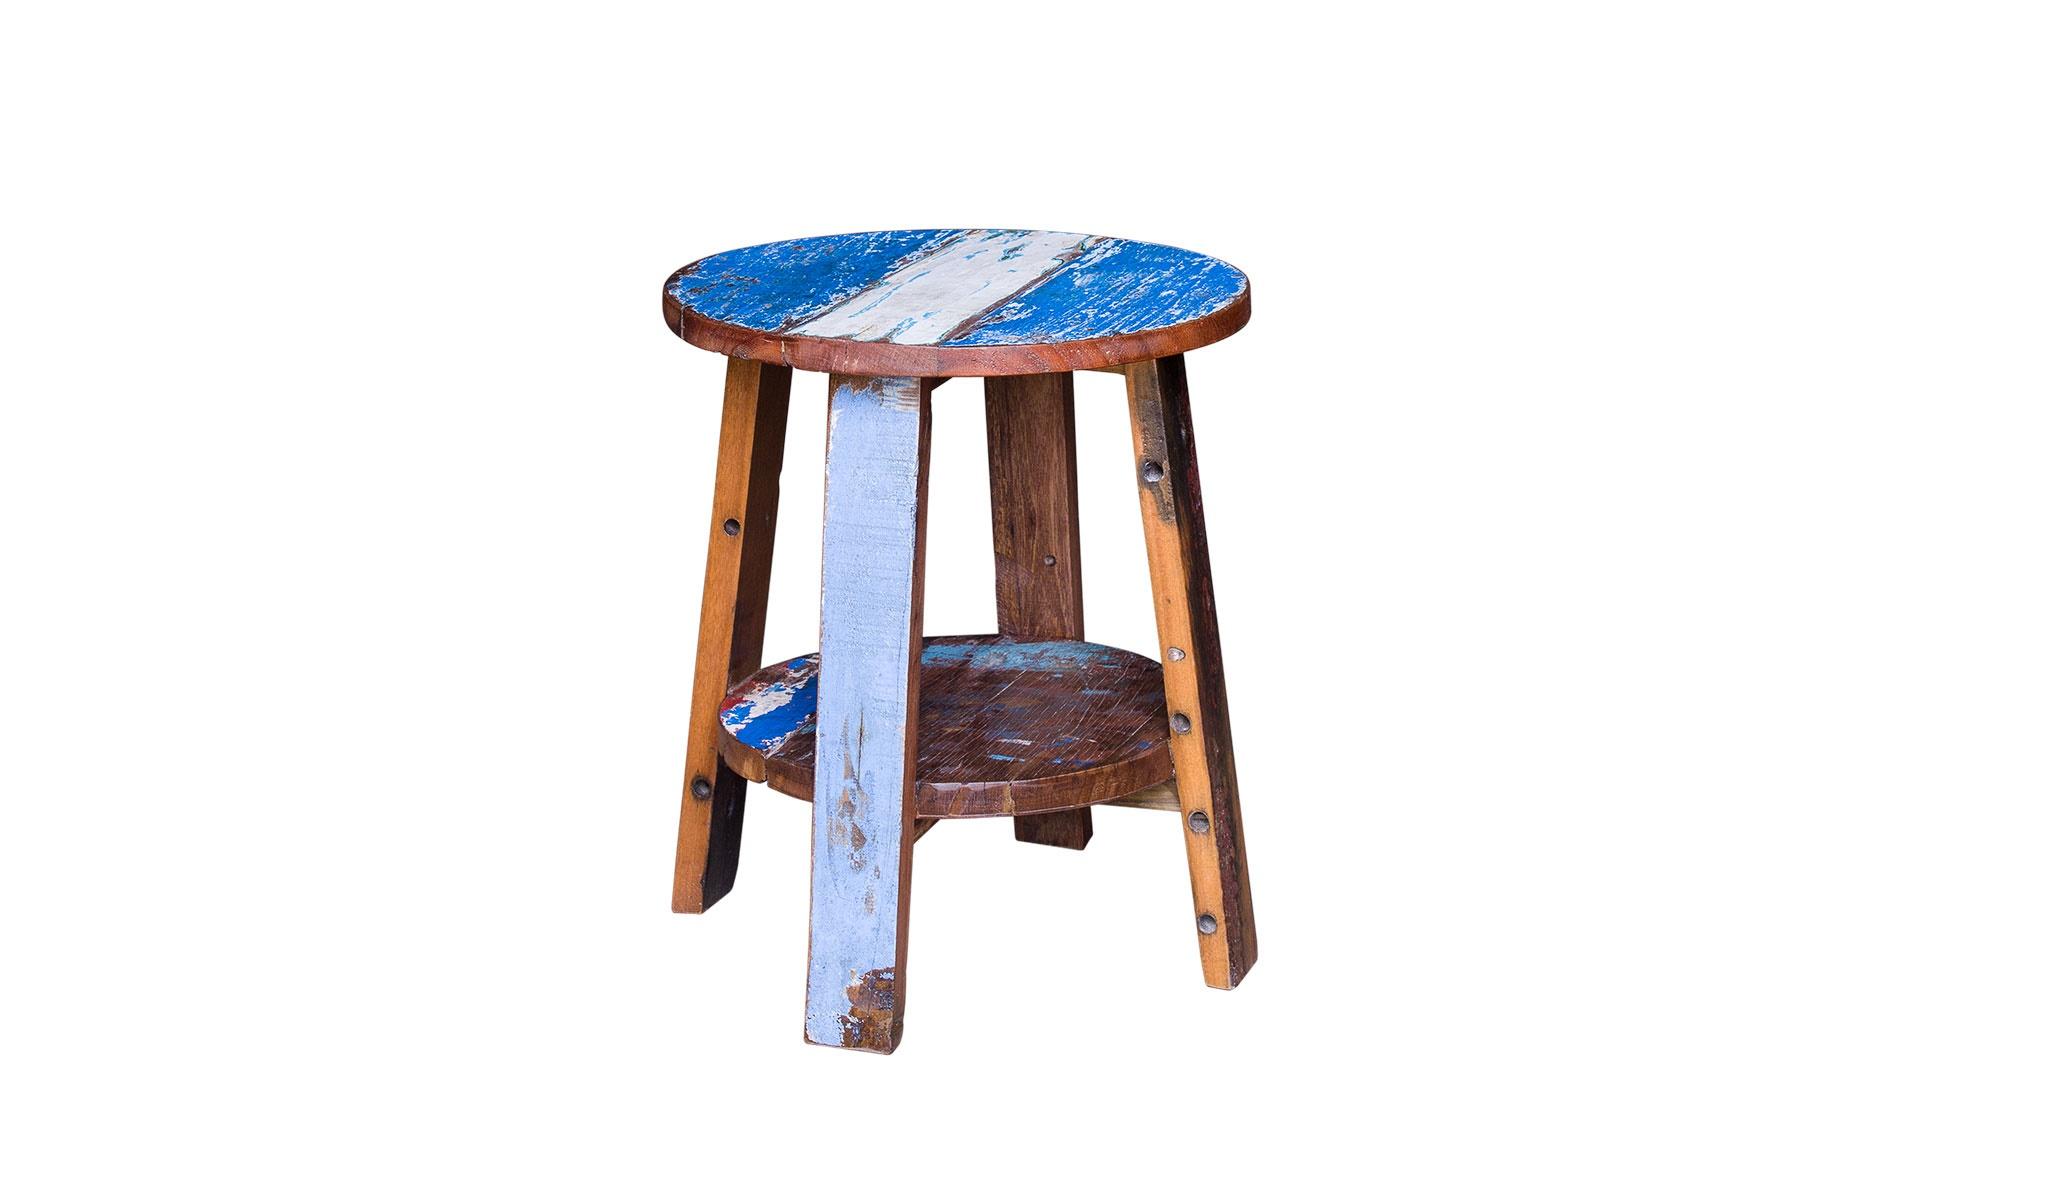 Табурет ГандиТабуреты<br>&amp;lt;div&amp;gt;Очень простой по форме табурет из дерева впечатляет яркой отделкой. По его &amp;amp;nbsp;корпусу растеклись разные краски, оставляя хаотичные подтеки. Табурет позволит импровизировать с пространством: он может стать столиком, консолью или тумбой. &amp;quot;Ганди&amp;quot; — это предмет, открытый к смелым экспериментам в интерьере.&amp;lt;/div&amp;gt;&amp;lt;div&amp;gt;&amp;lt;br&amp;gt;&amp;lt;/div&amp;gt;Табурет выполнен из массива древесины старого рыбацкого судна, такой как: тик, махогон, суар, с сохранением оригинальной многослойной окраски. Сборка не требуется.<br>Страна производитель - Индонезия.<br><br>Material: Тик<br>Ширина см: 45.0<br>Высота см: 55.0<br>Глубина см: 45.0